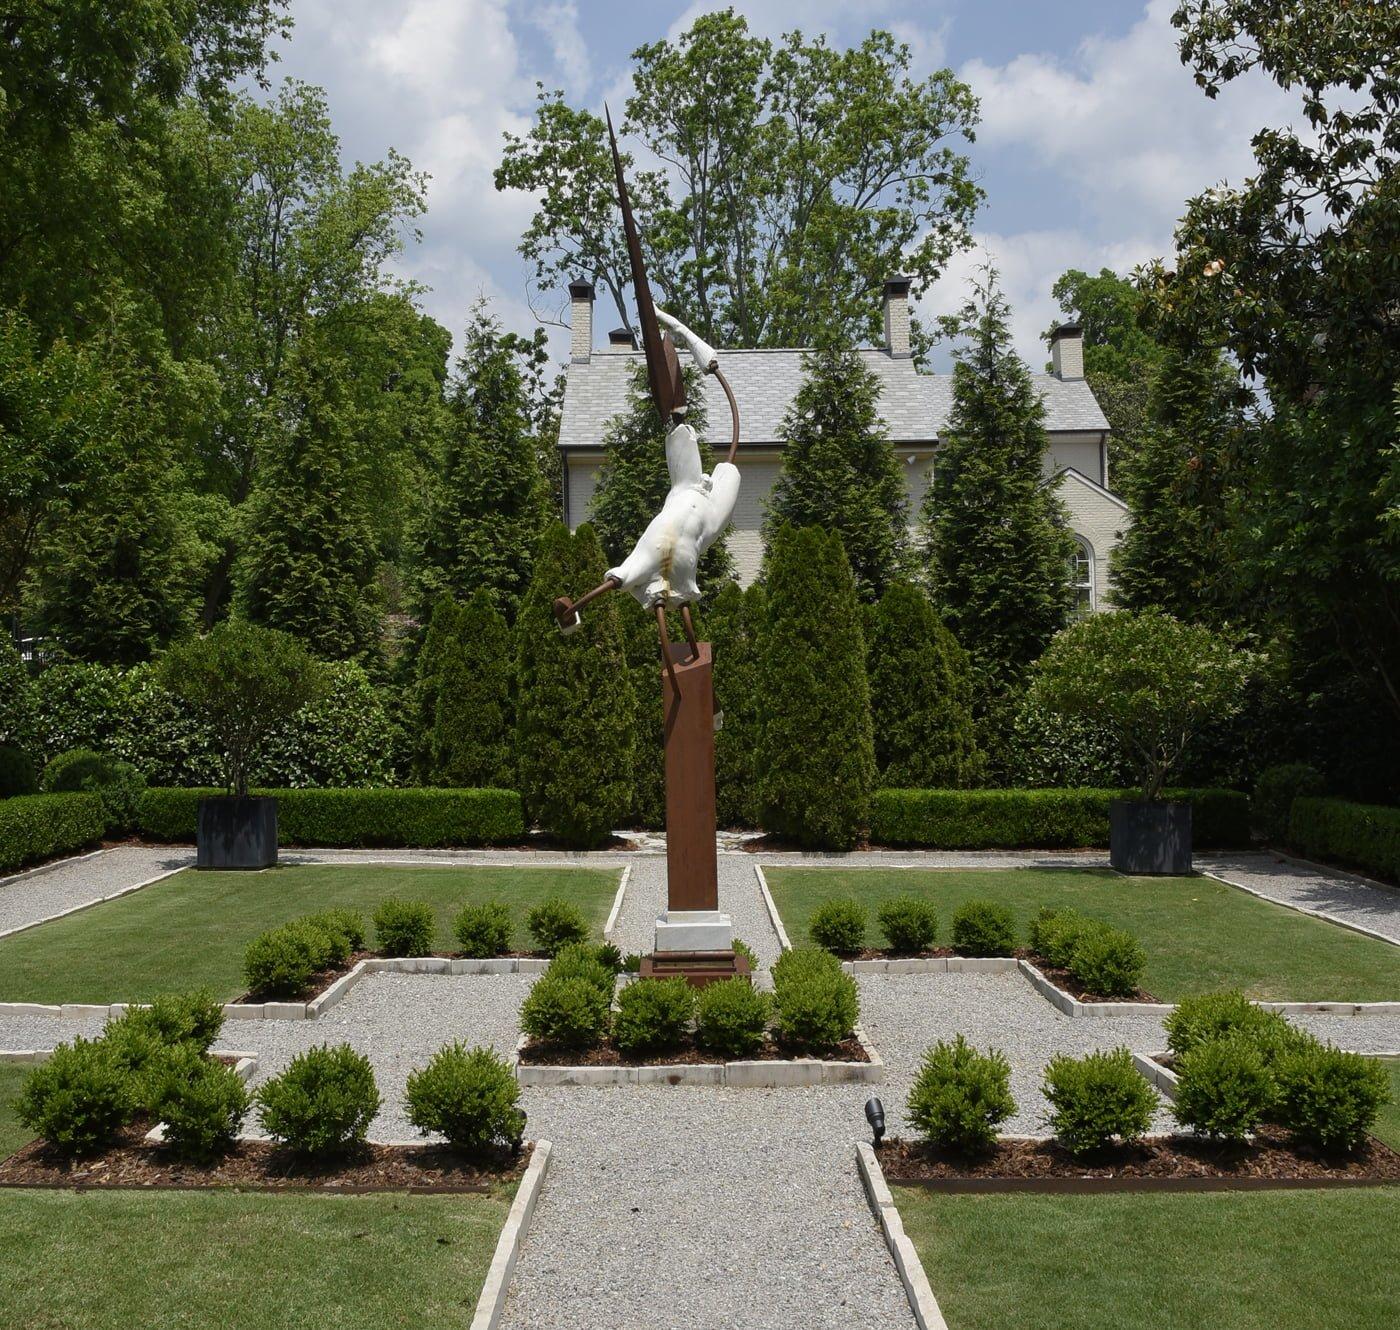 Garden-featured-a